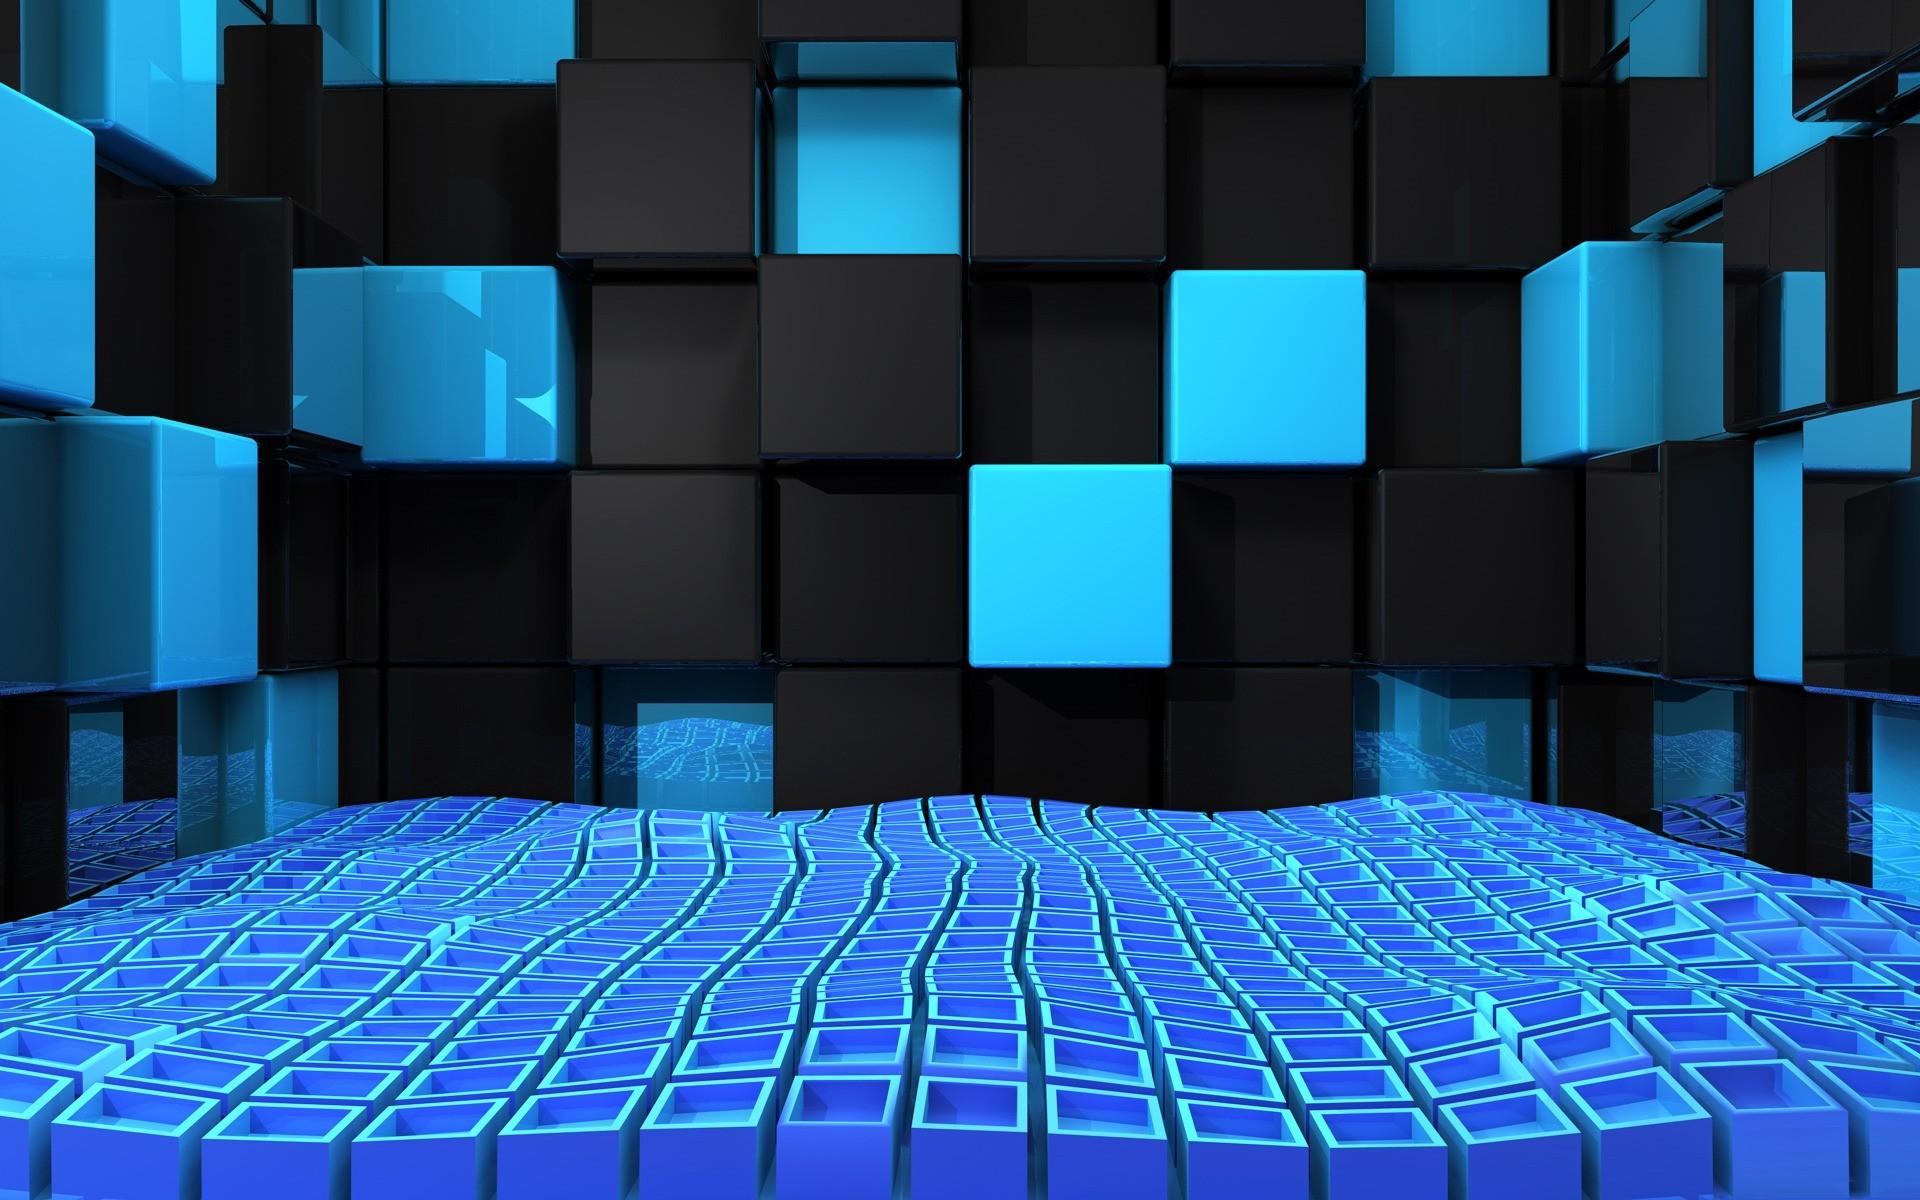 Cool 3D Cubes Twitter Background Wallpaper